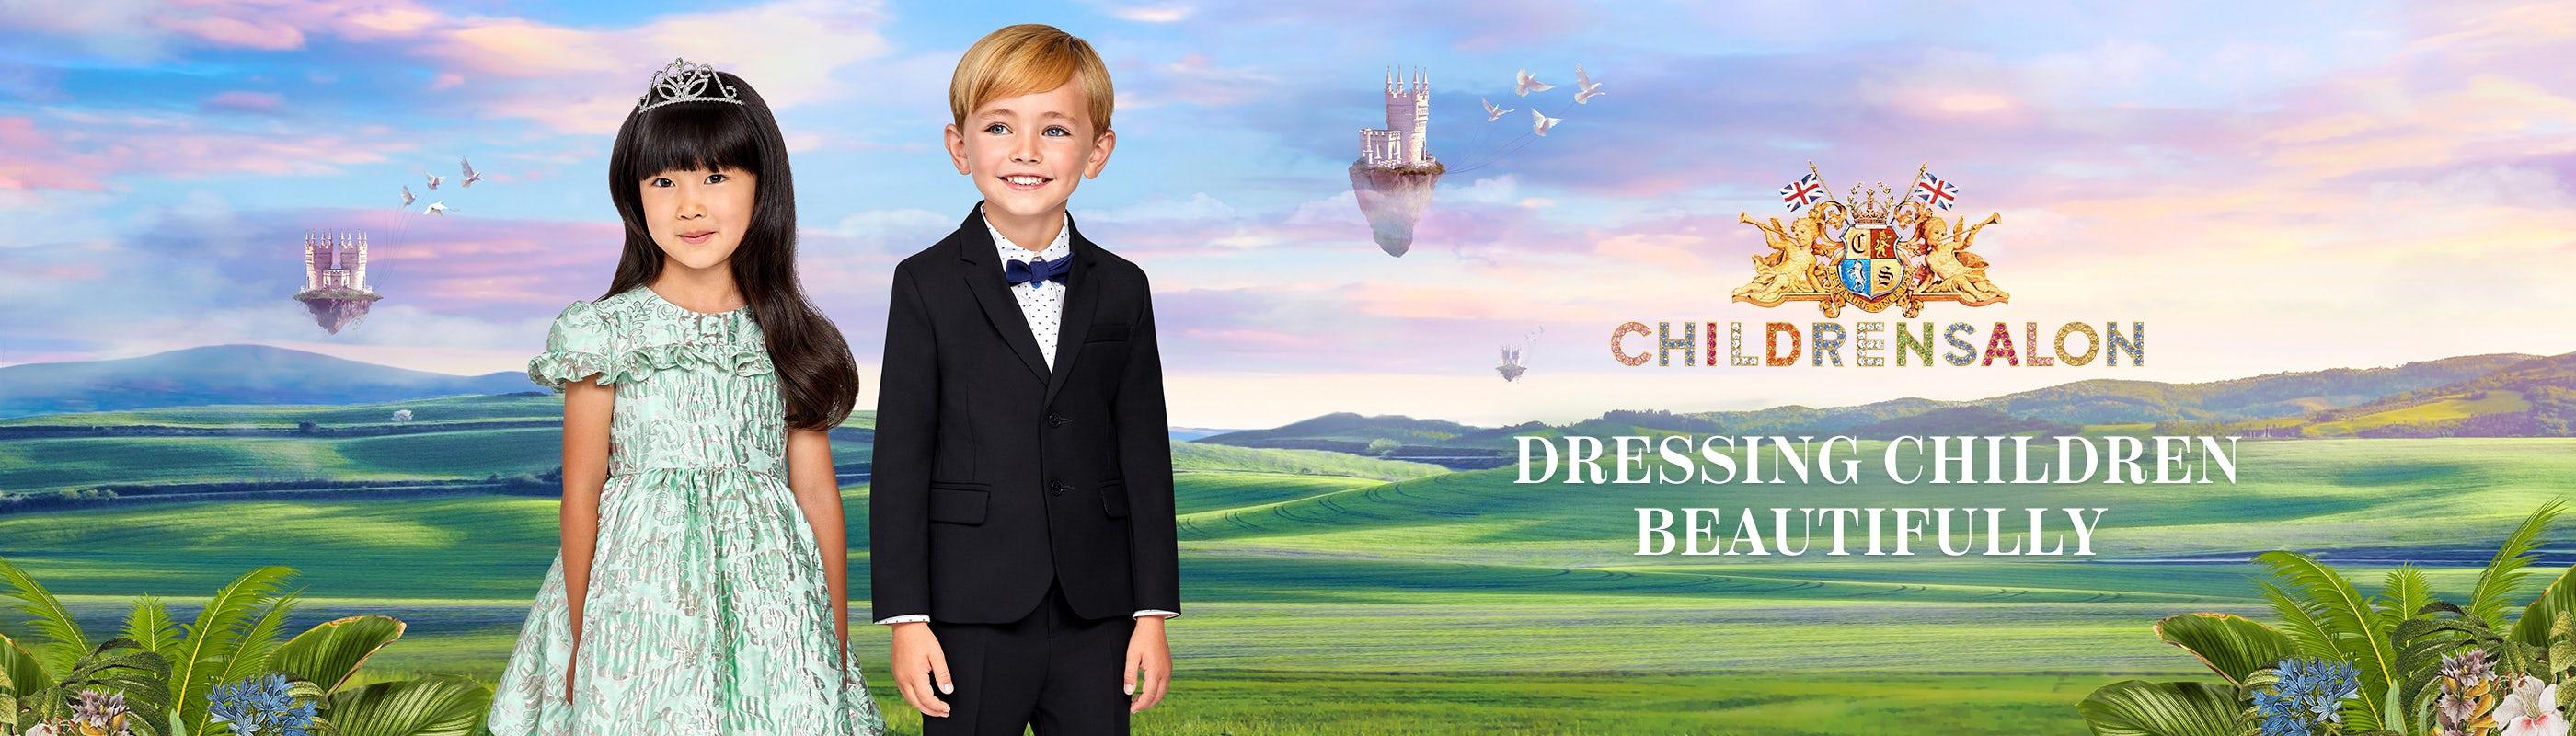 Profile image for Childrensalon